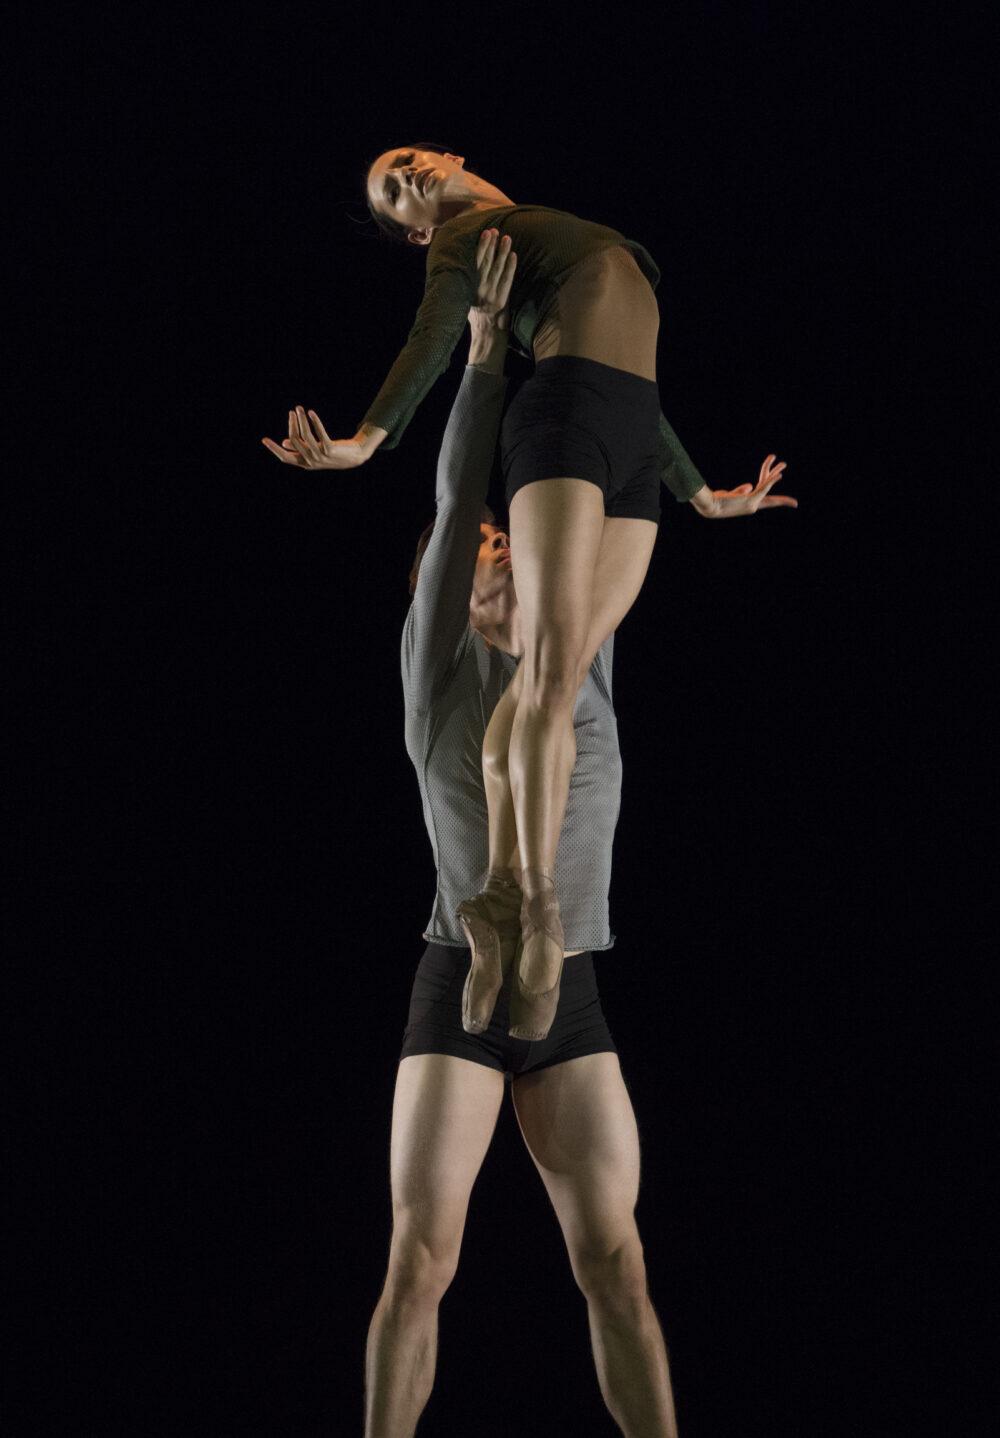 rancesca Hayward - The Royal Ballet | Calvin Richardson - The Royal Ballet | A duet from Borderlands | Choreography - Wayne McGregor | Photo © Ravi Deepres/Alicia Clarke}